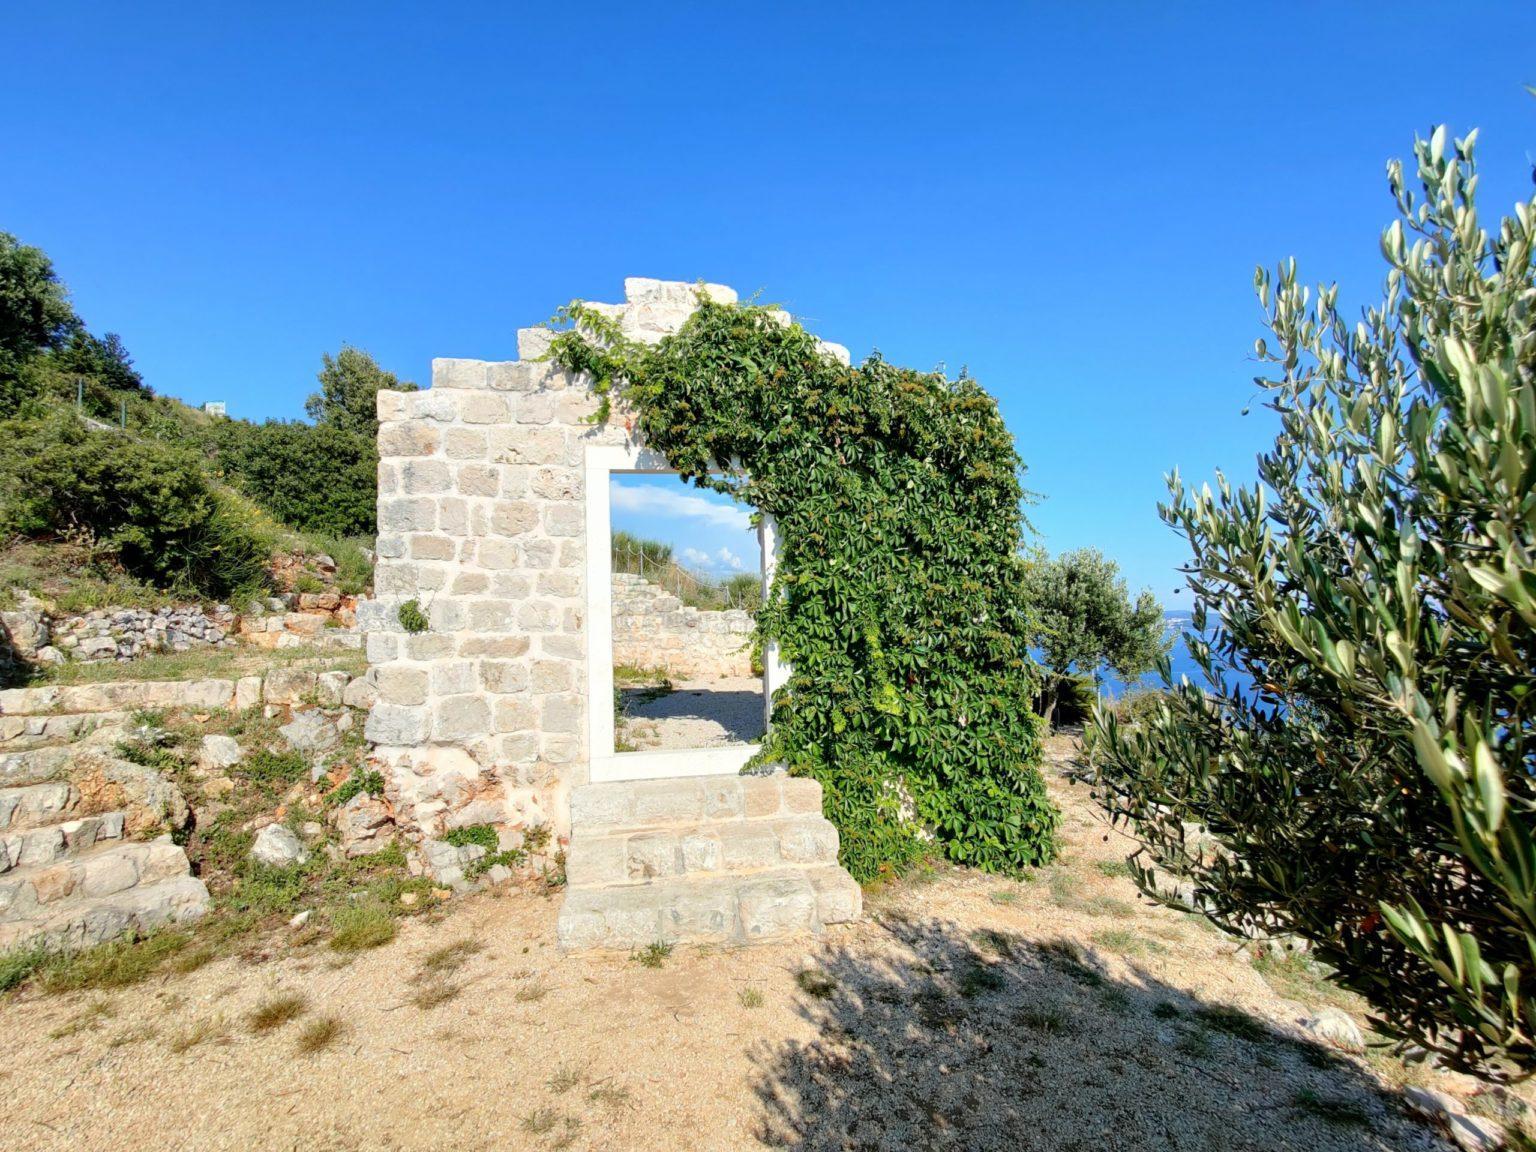 hochzeitslocation Kroatien location hochzeit heiraten 3 8 scaled - Historische Theaterruinen